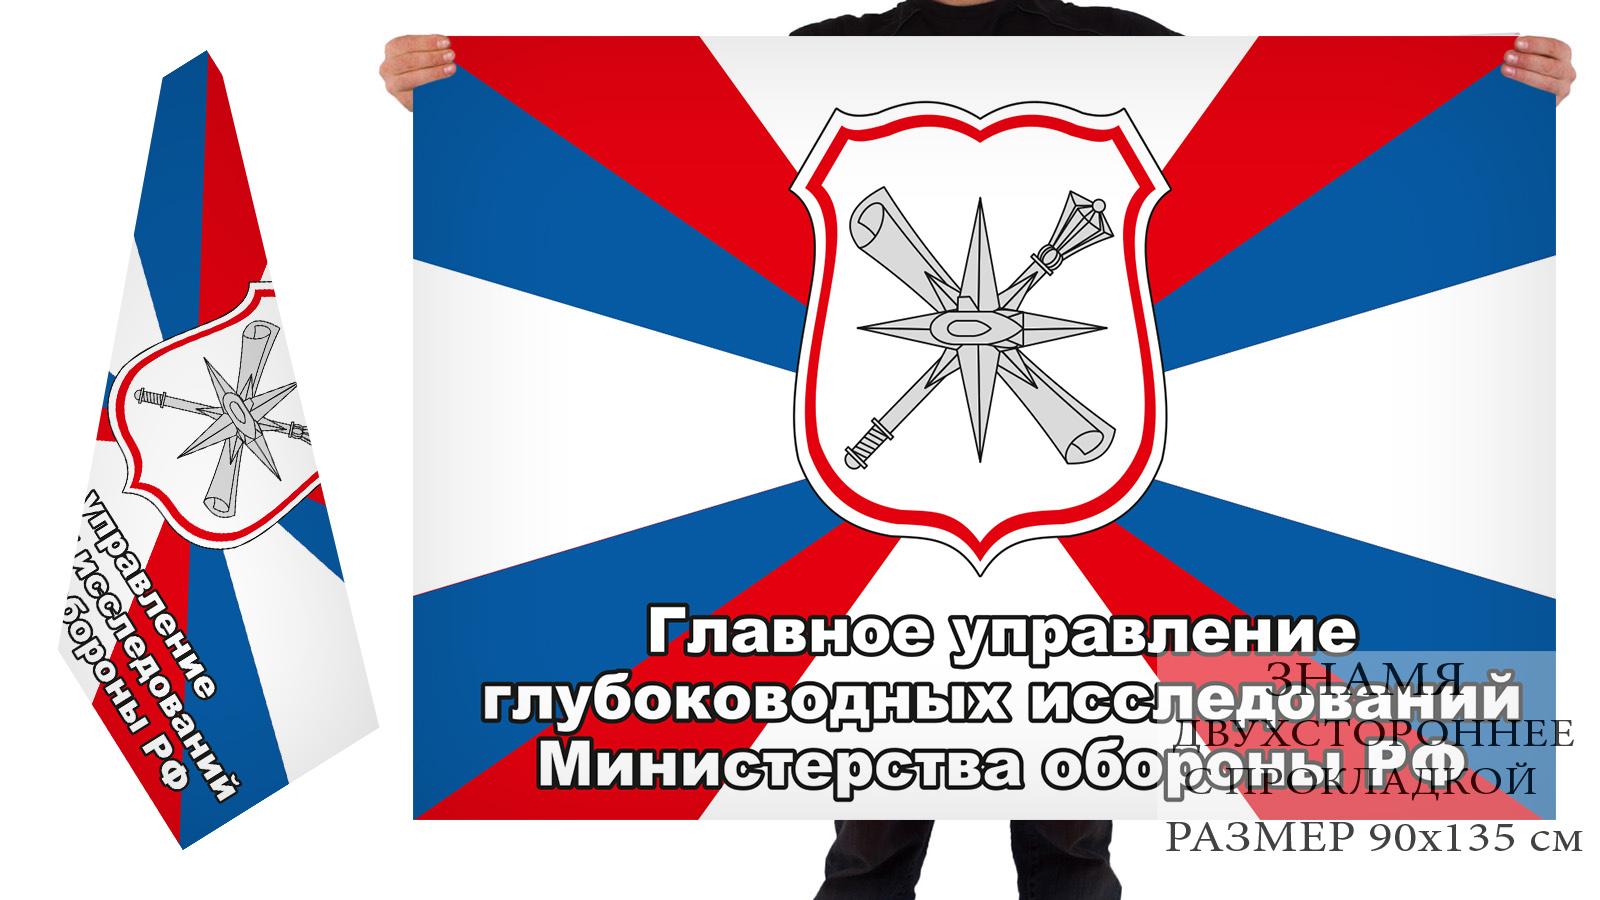 Двусторонний флаг главного управления глубоководных исследований